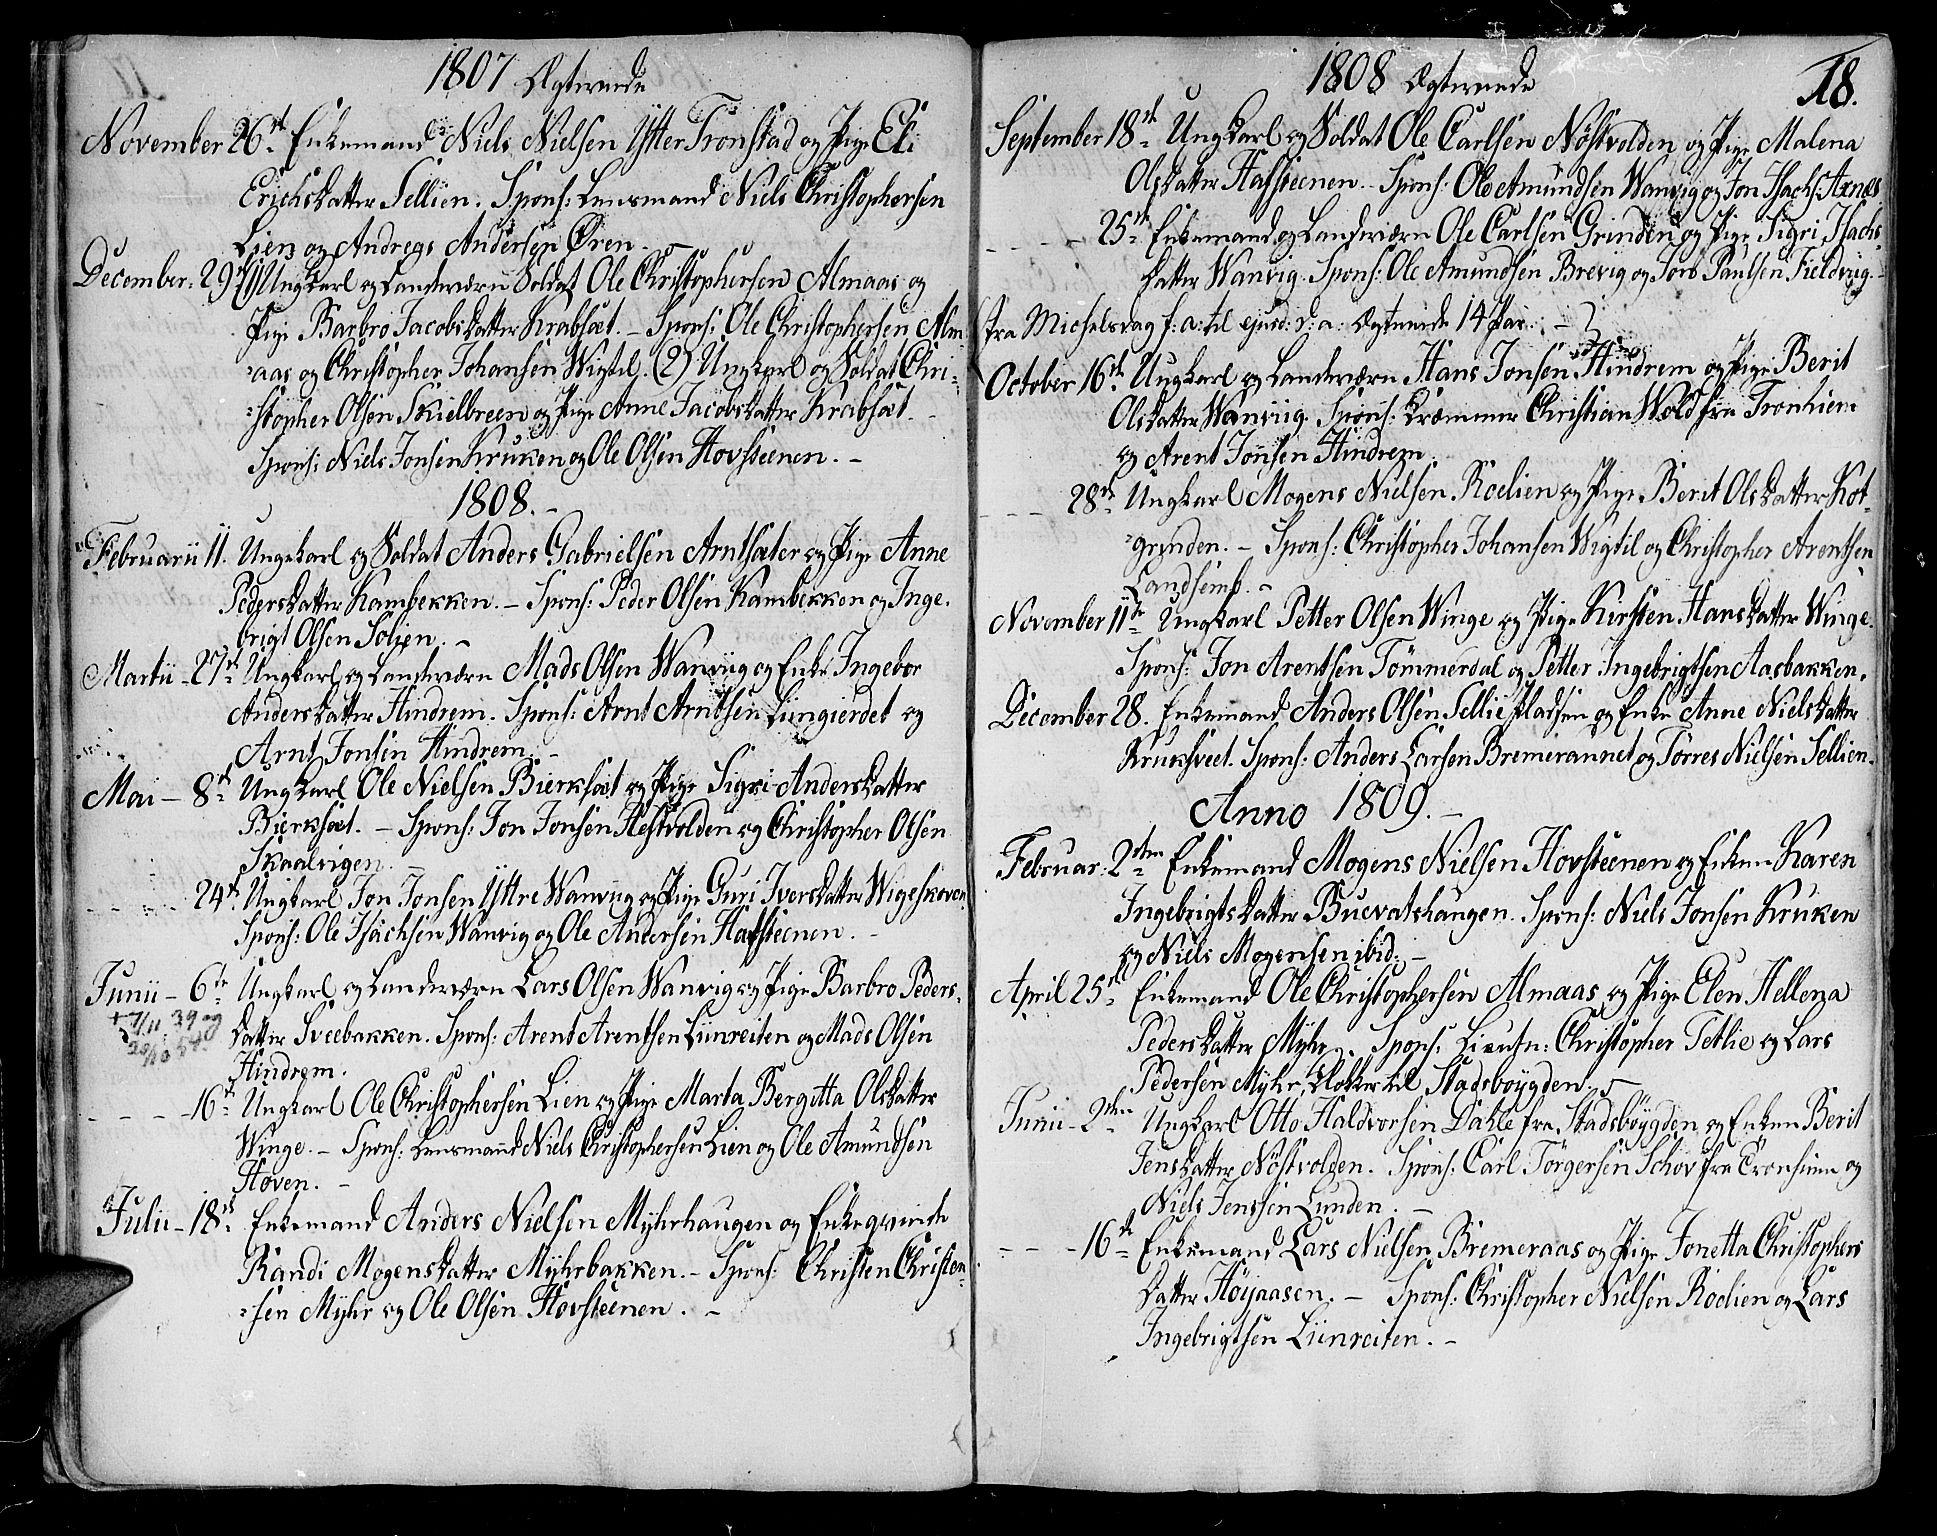 SAT, Ministerialprotokoller, klokkerbøker og fødselsregistre - Nord-Trøndelag, 701/L0004: Ministerialbok nr. 701A04, 1783-1816, s. 18